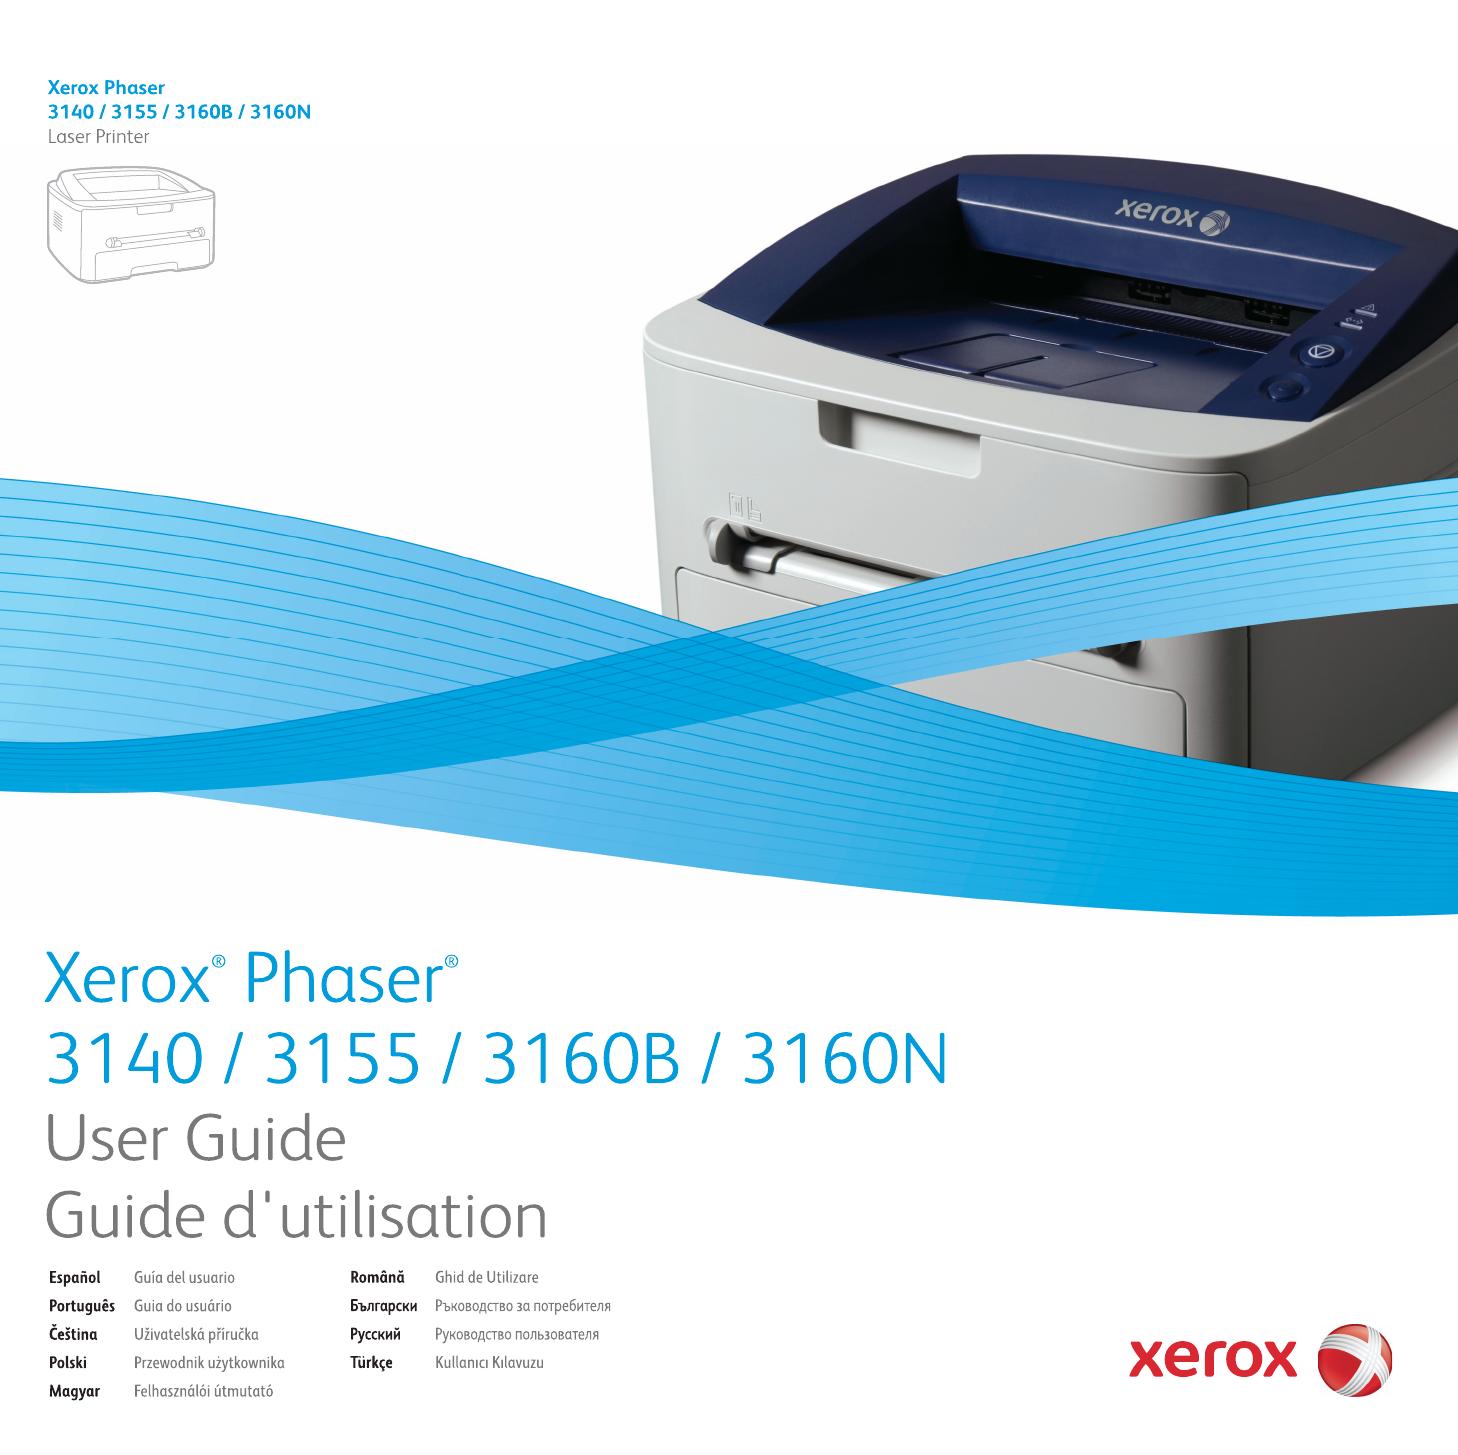 Manuál Xerox Phaser 3140 návod (75 stránek)